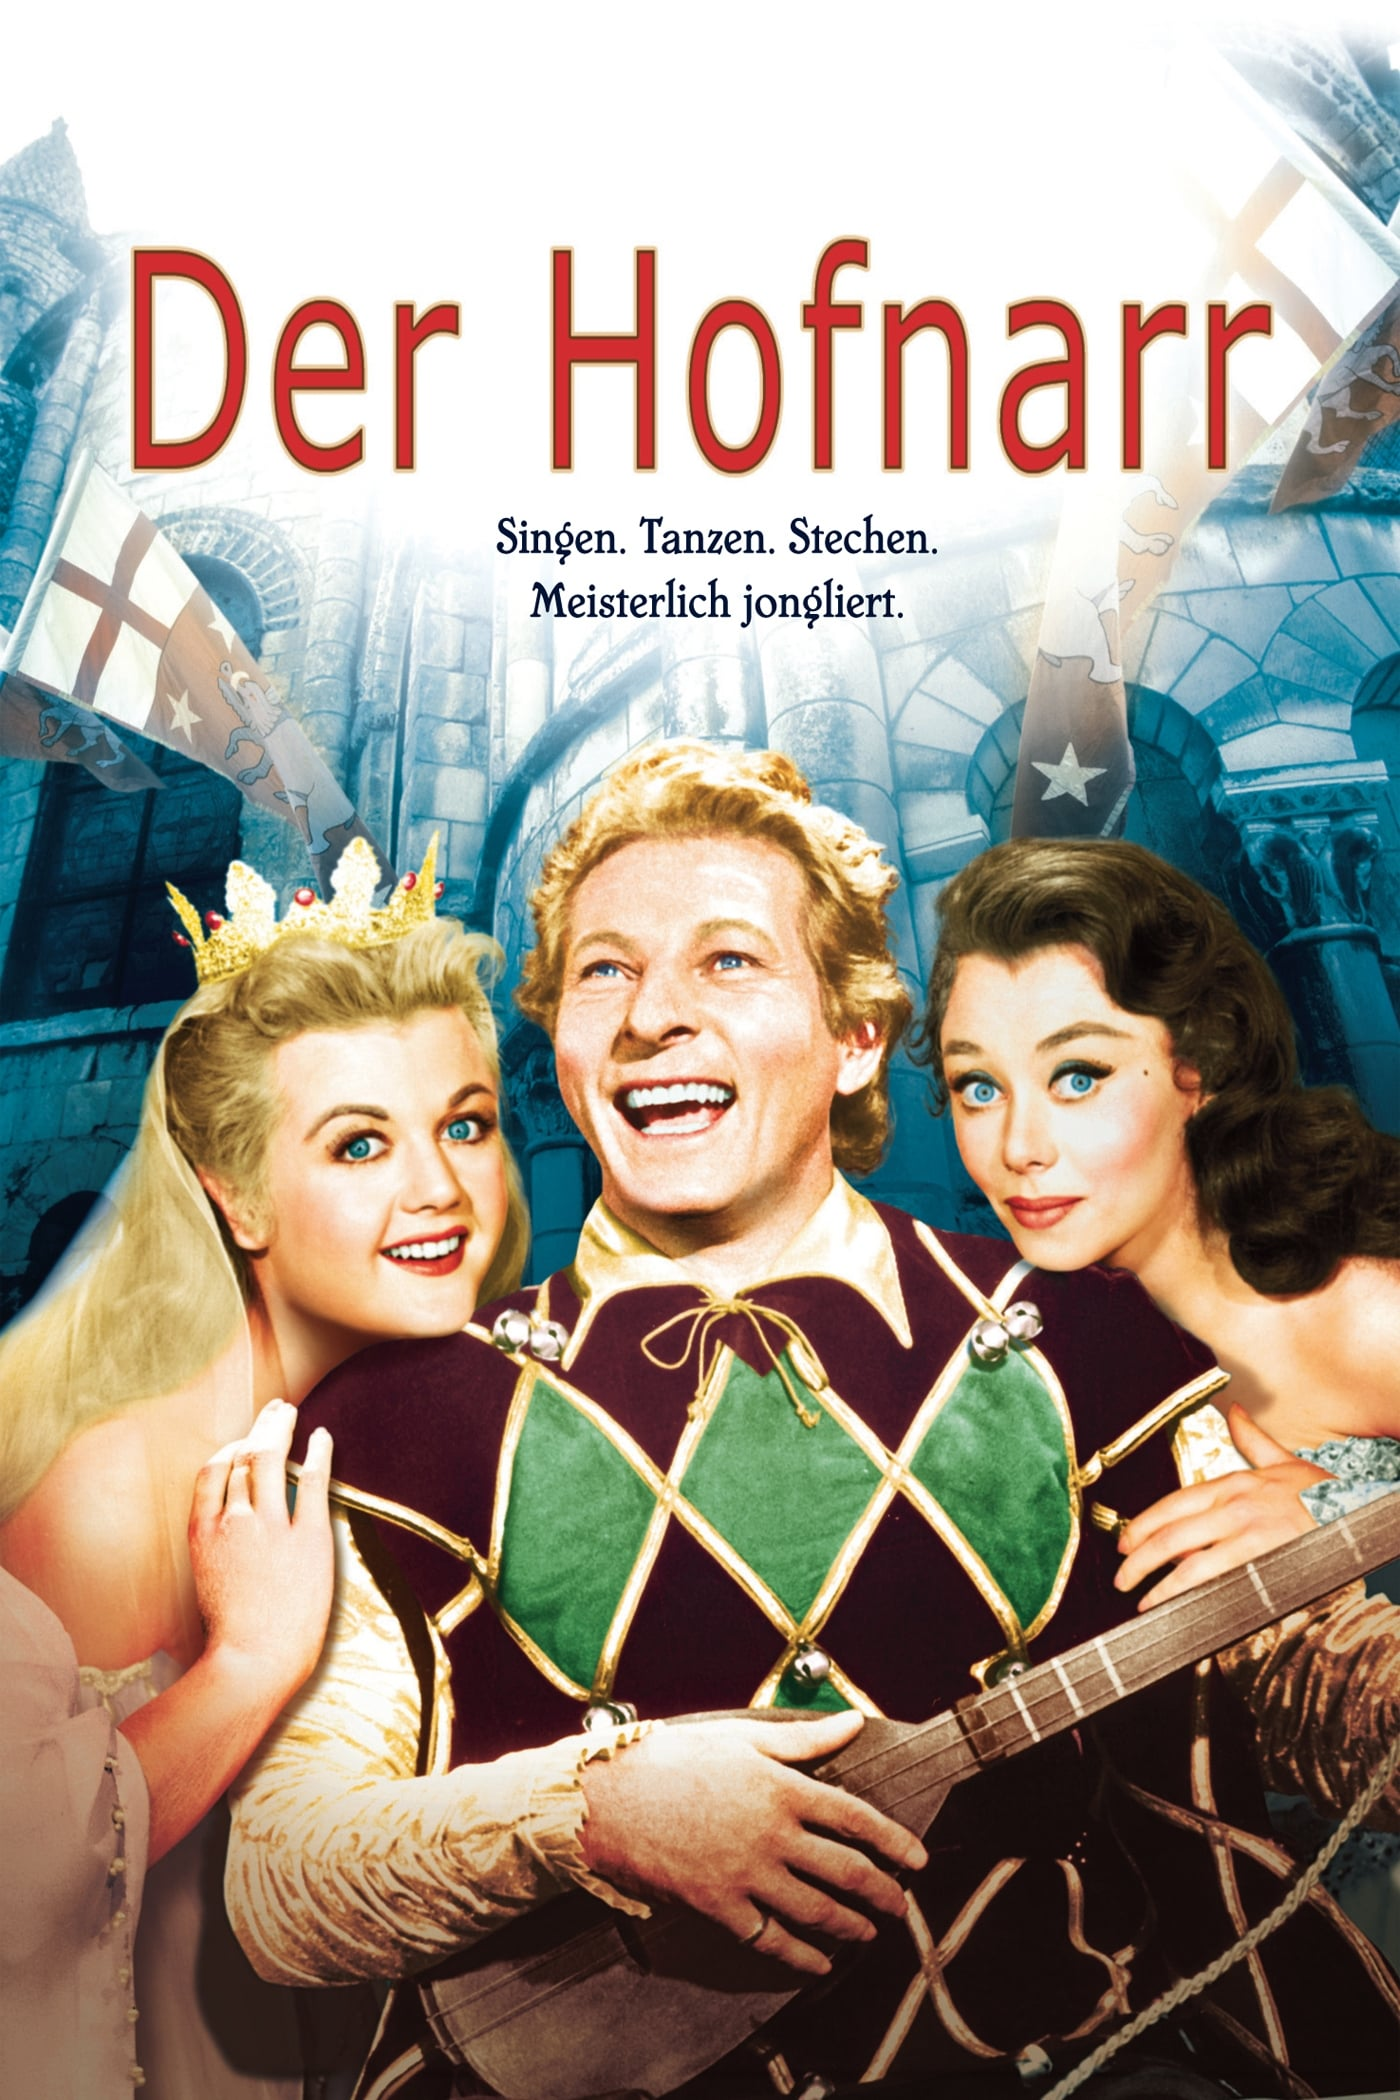 Der Hofnarr (1955) Ganzer Film Deutsch